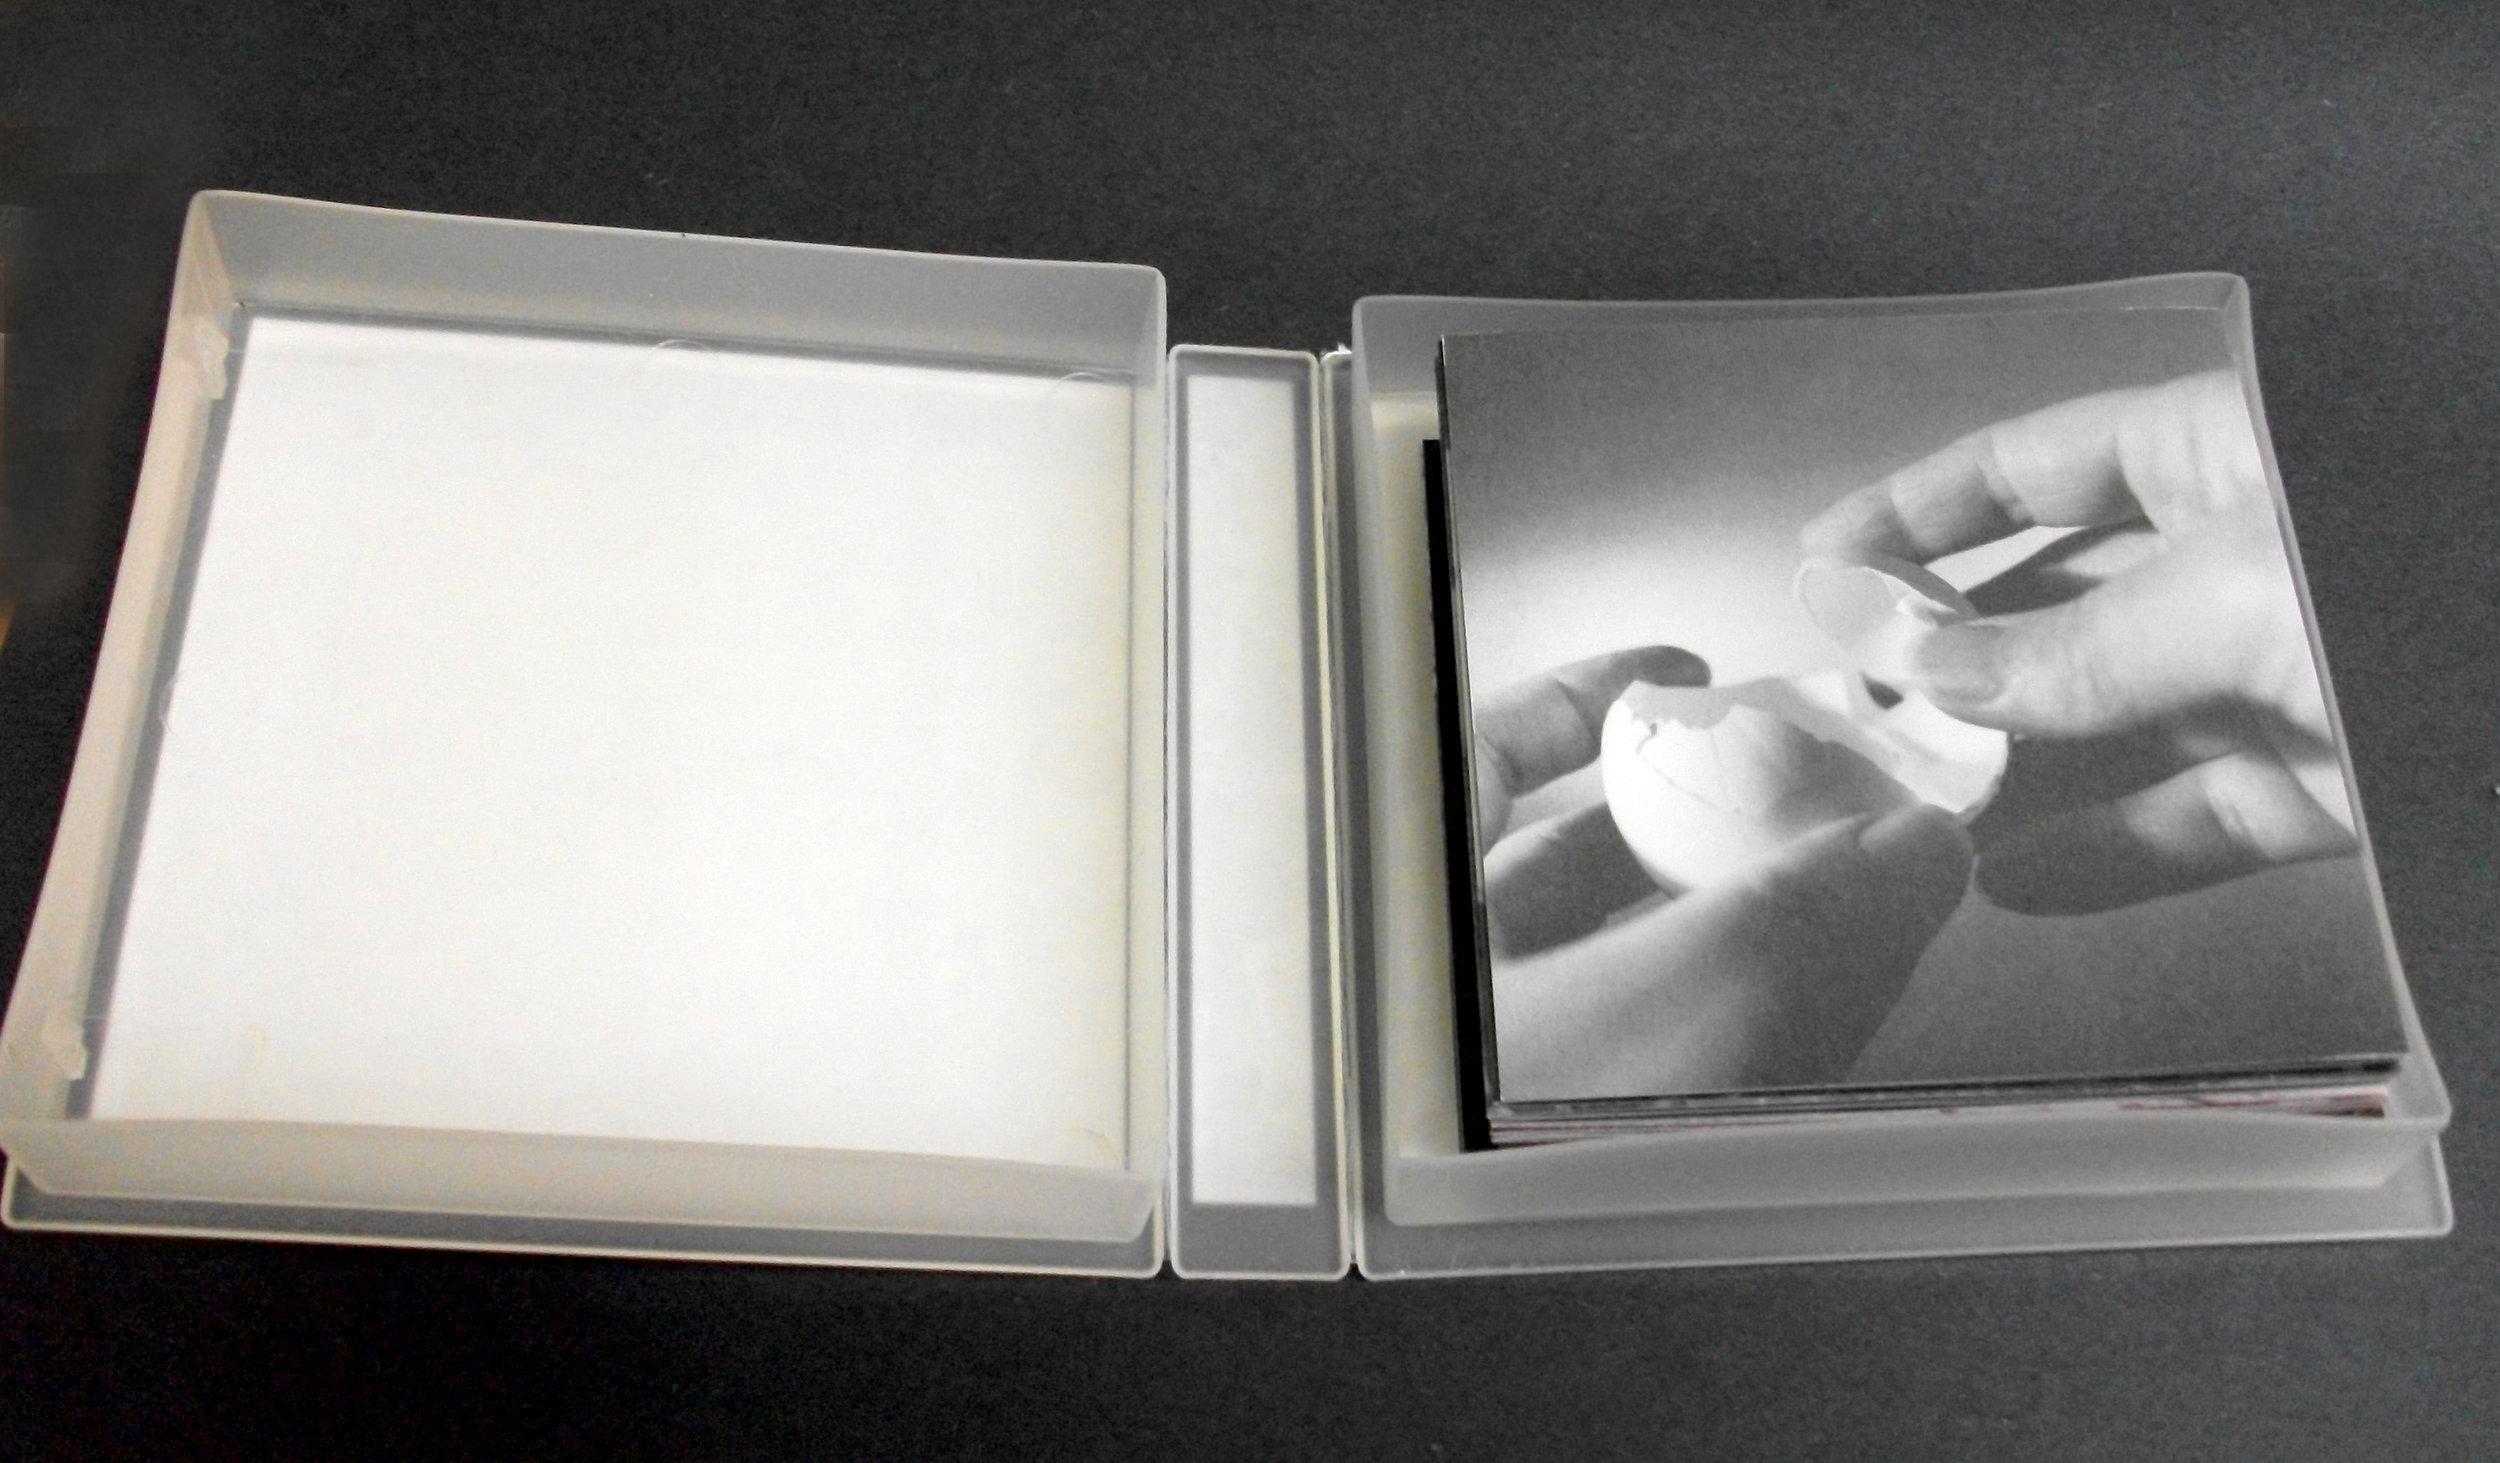 Bea Nettles, Seasonal Turns, Four Accordion Books Offset Printing 1998